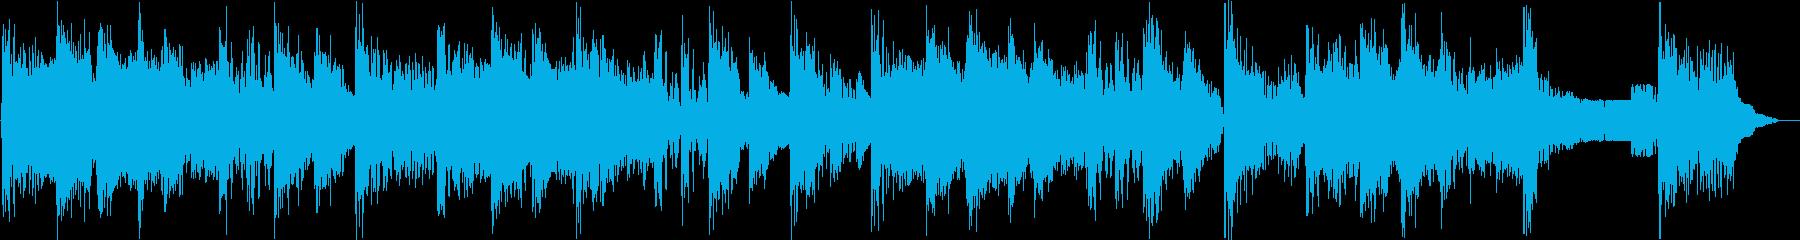 攻撃的なビートの効いたジングルの再生済みの波形